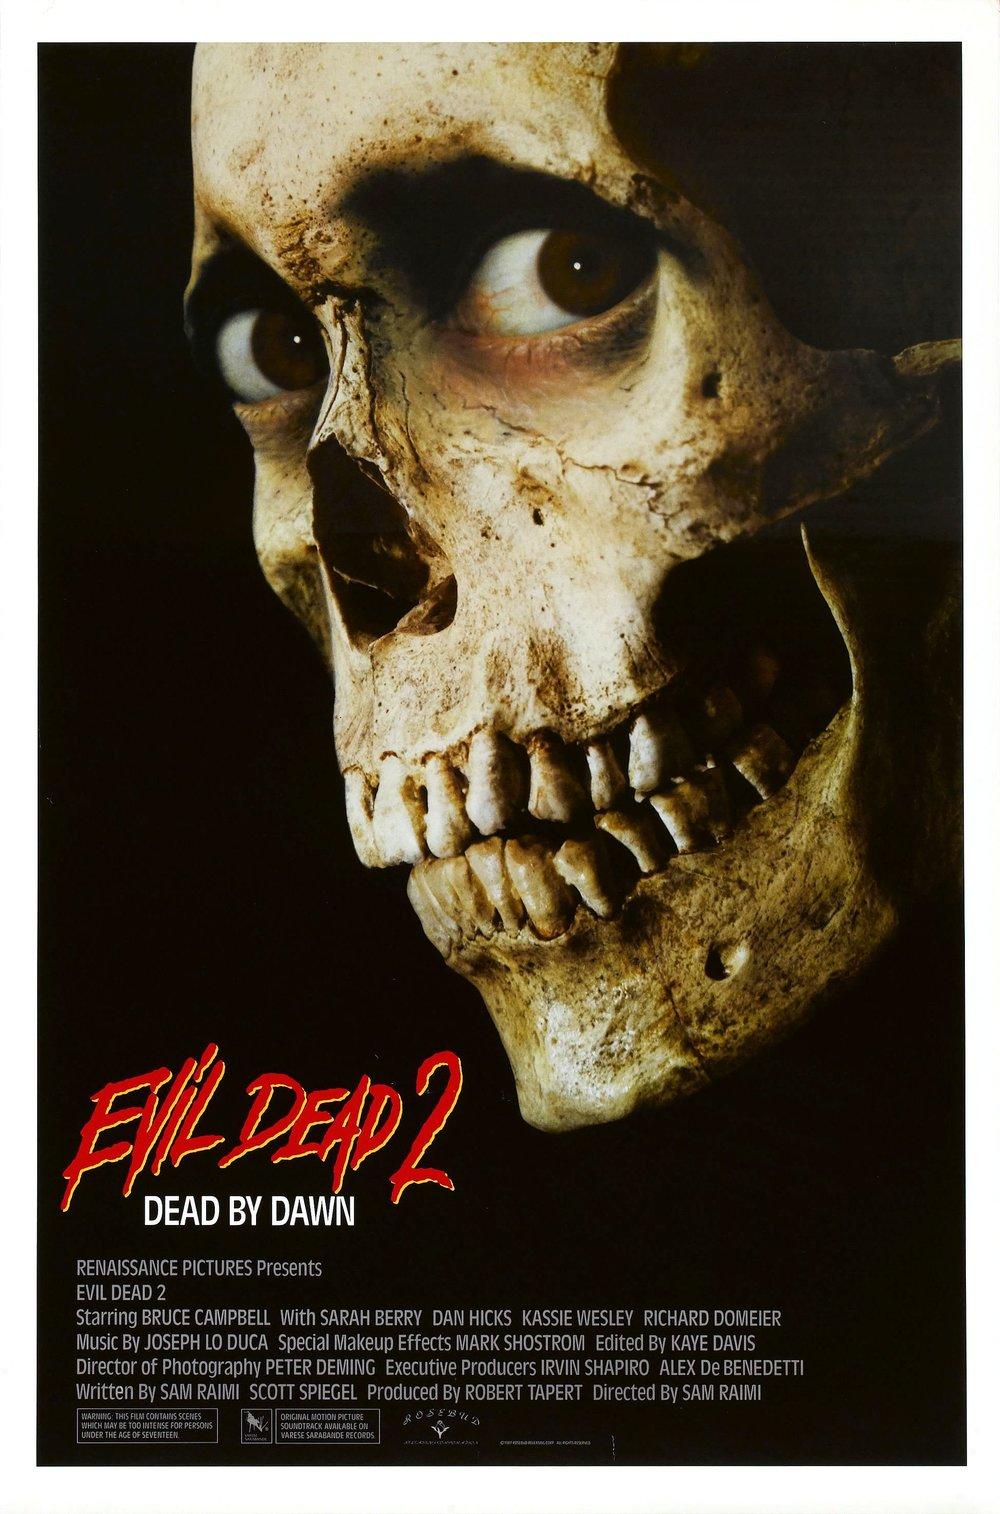 evil_dead_2_poster_01.jpg